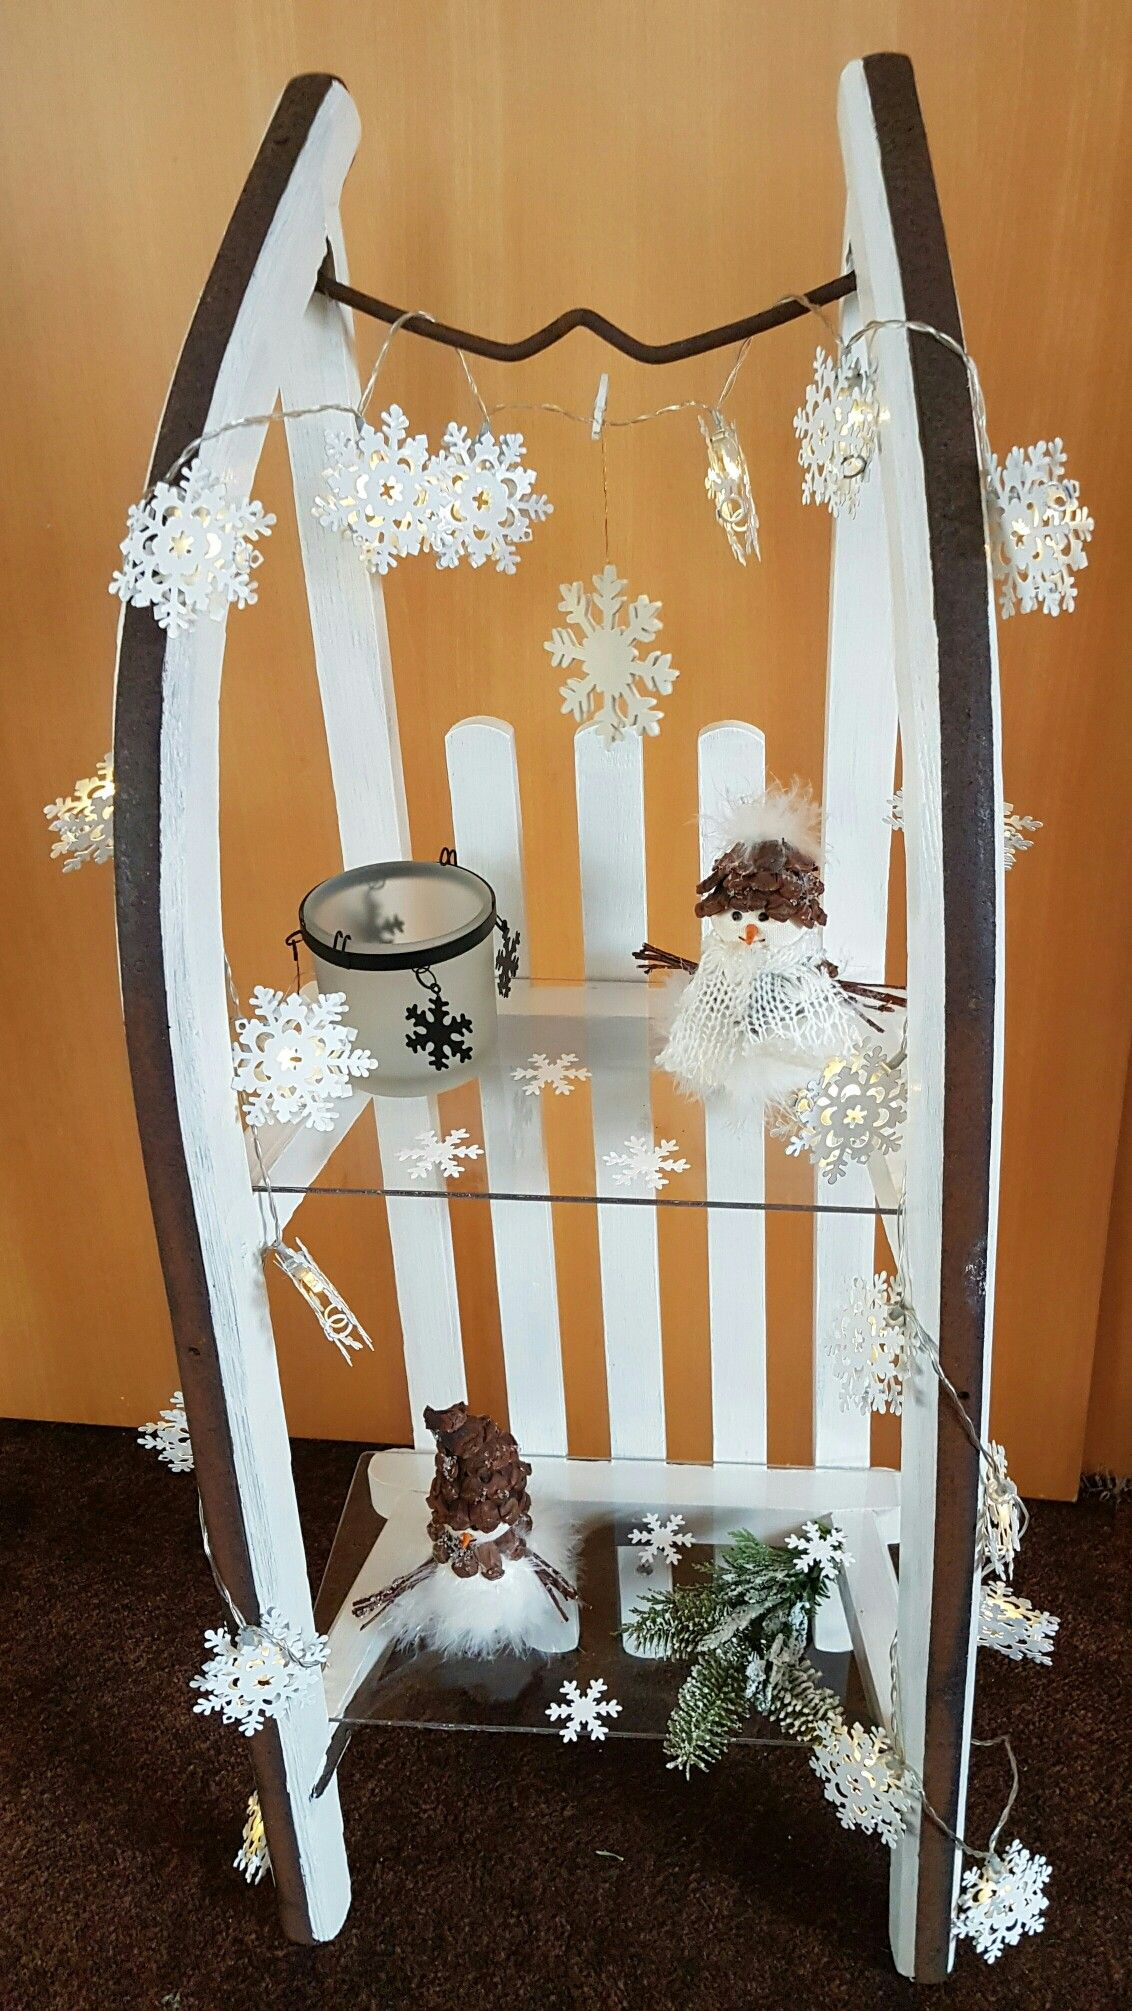 meine schlitten deko warum muss ein schlitten weihnachtlich dekoriert werden ich habe ihn. Black Bedroom Furniture Sets. Home Design Ideas